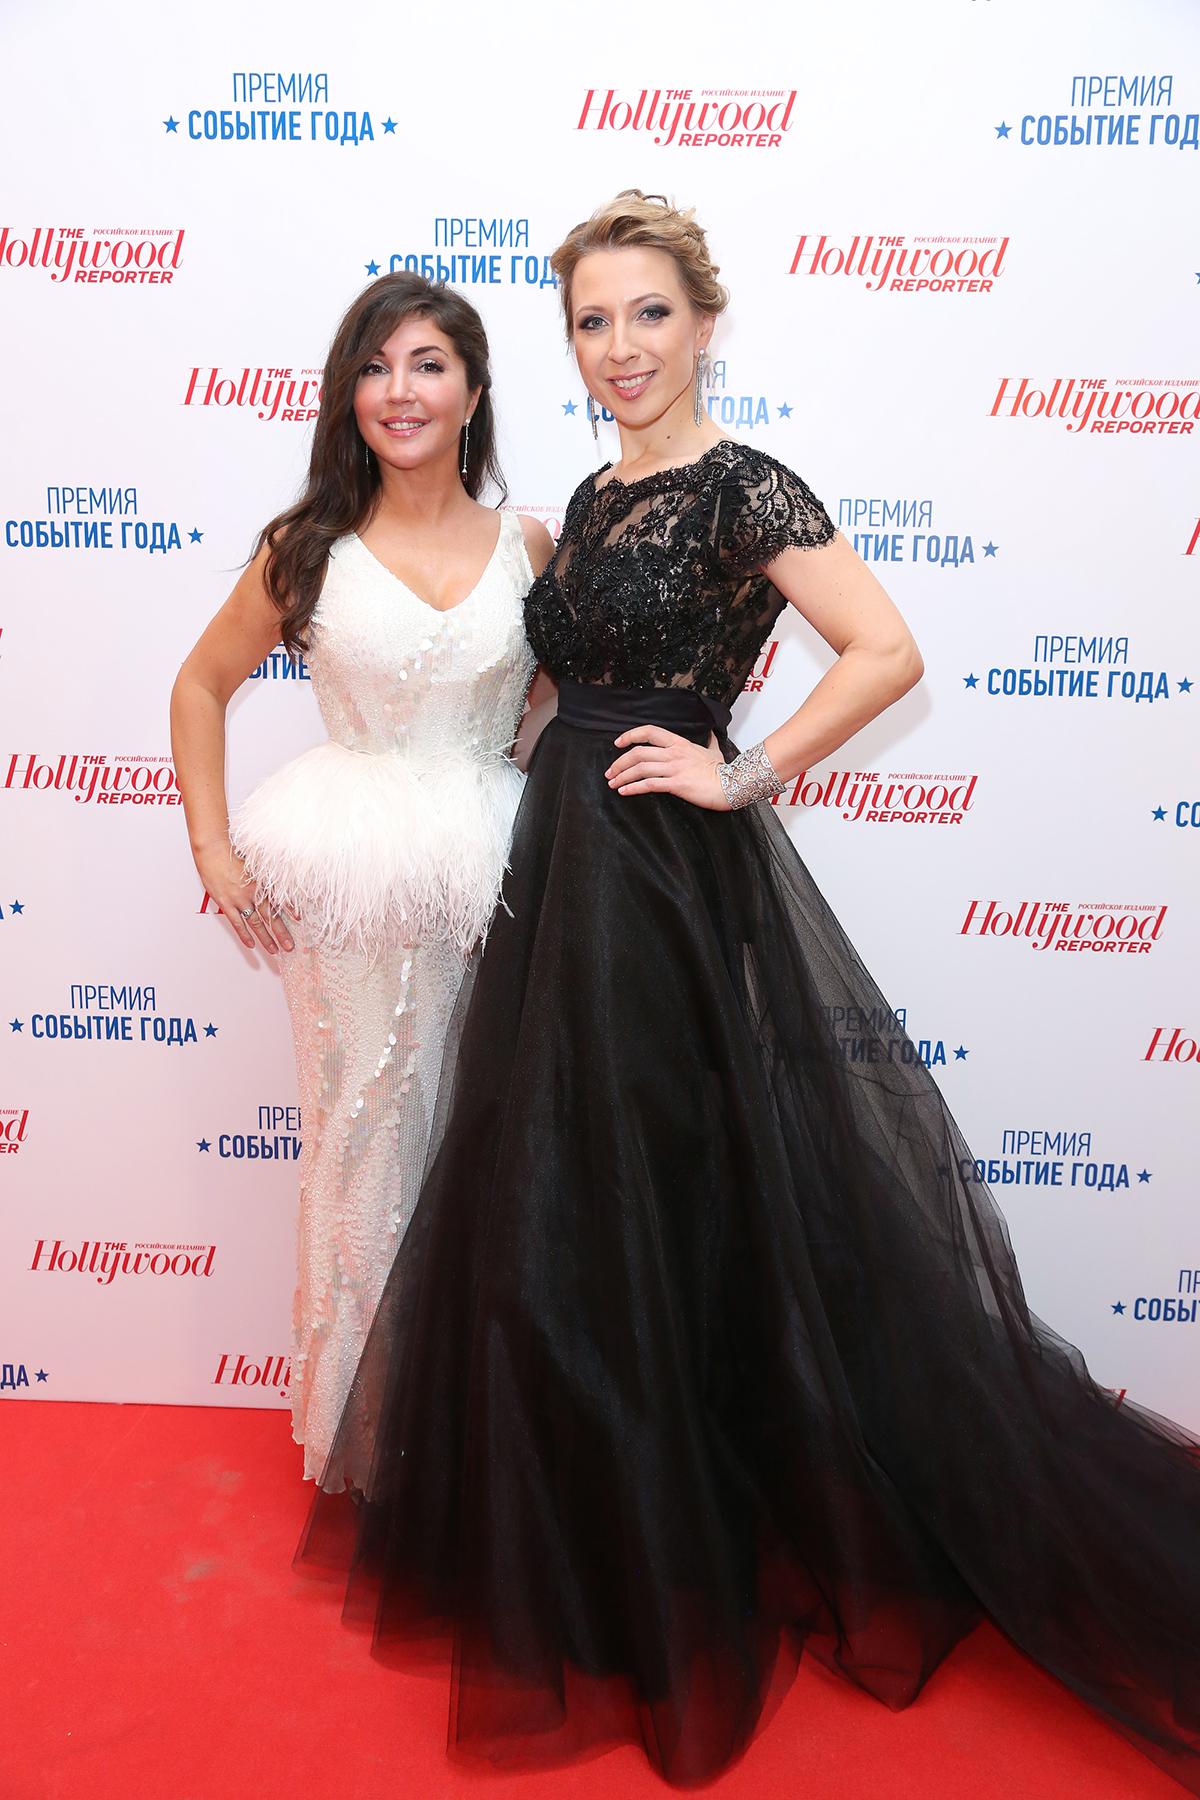 Телеведущая Яна Чурикова (справа) и главный редактор THR Мария Лемешева